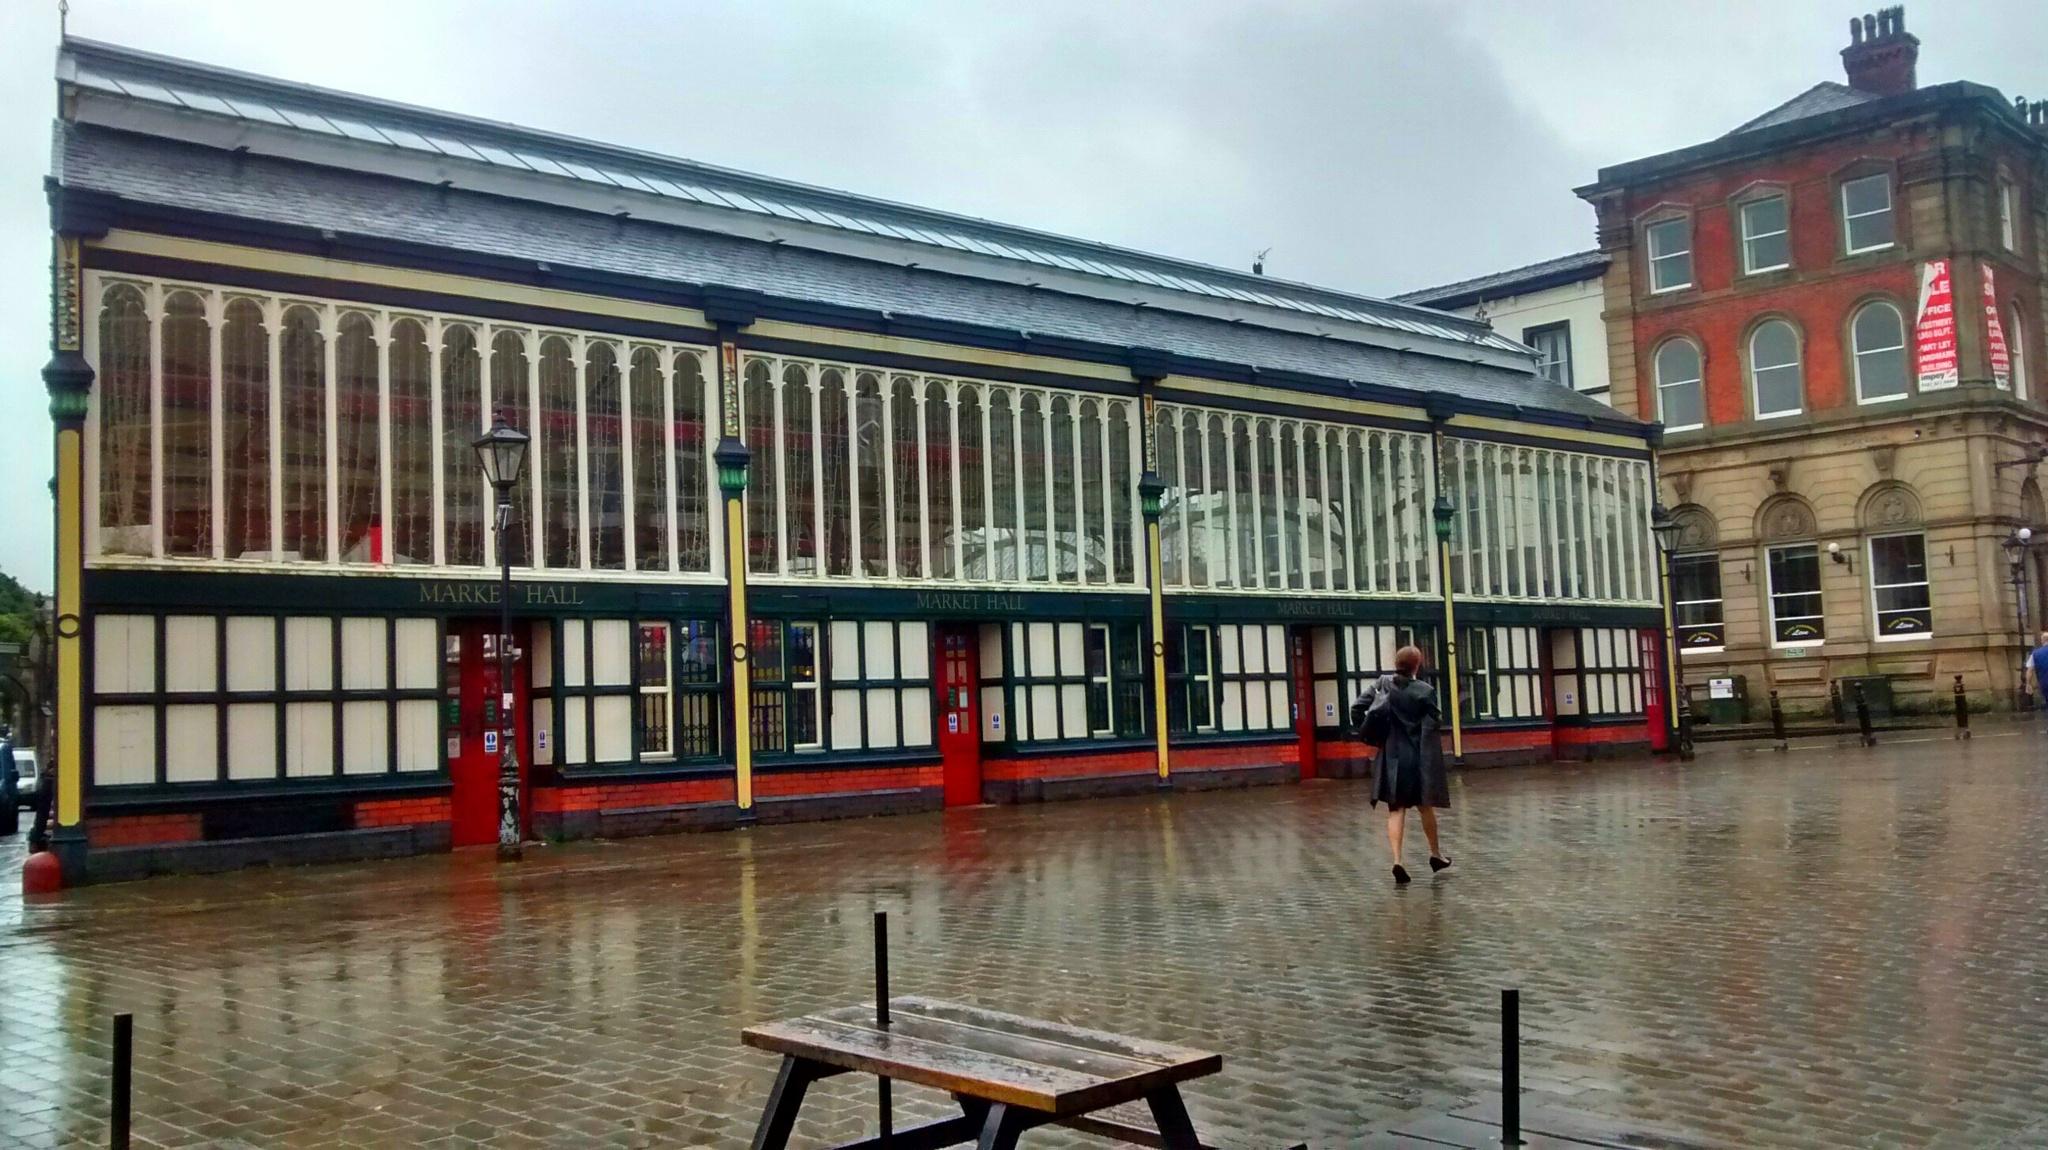 Stockport Market,Stockport Cheshire UK by dysonjohn64